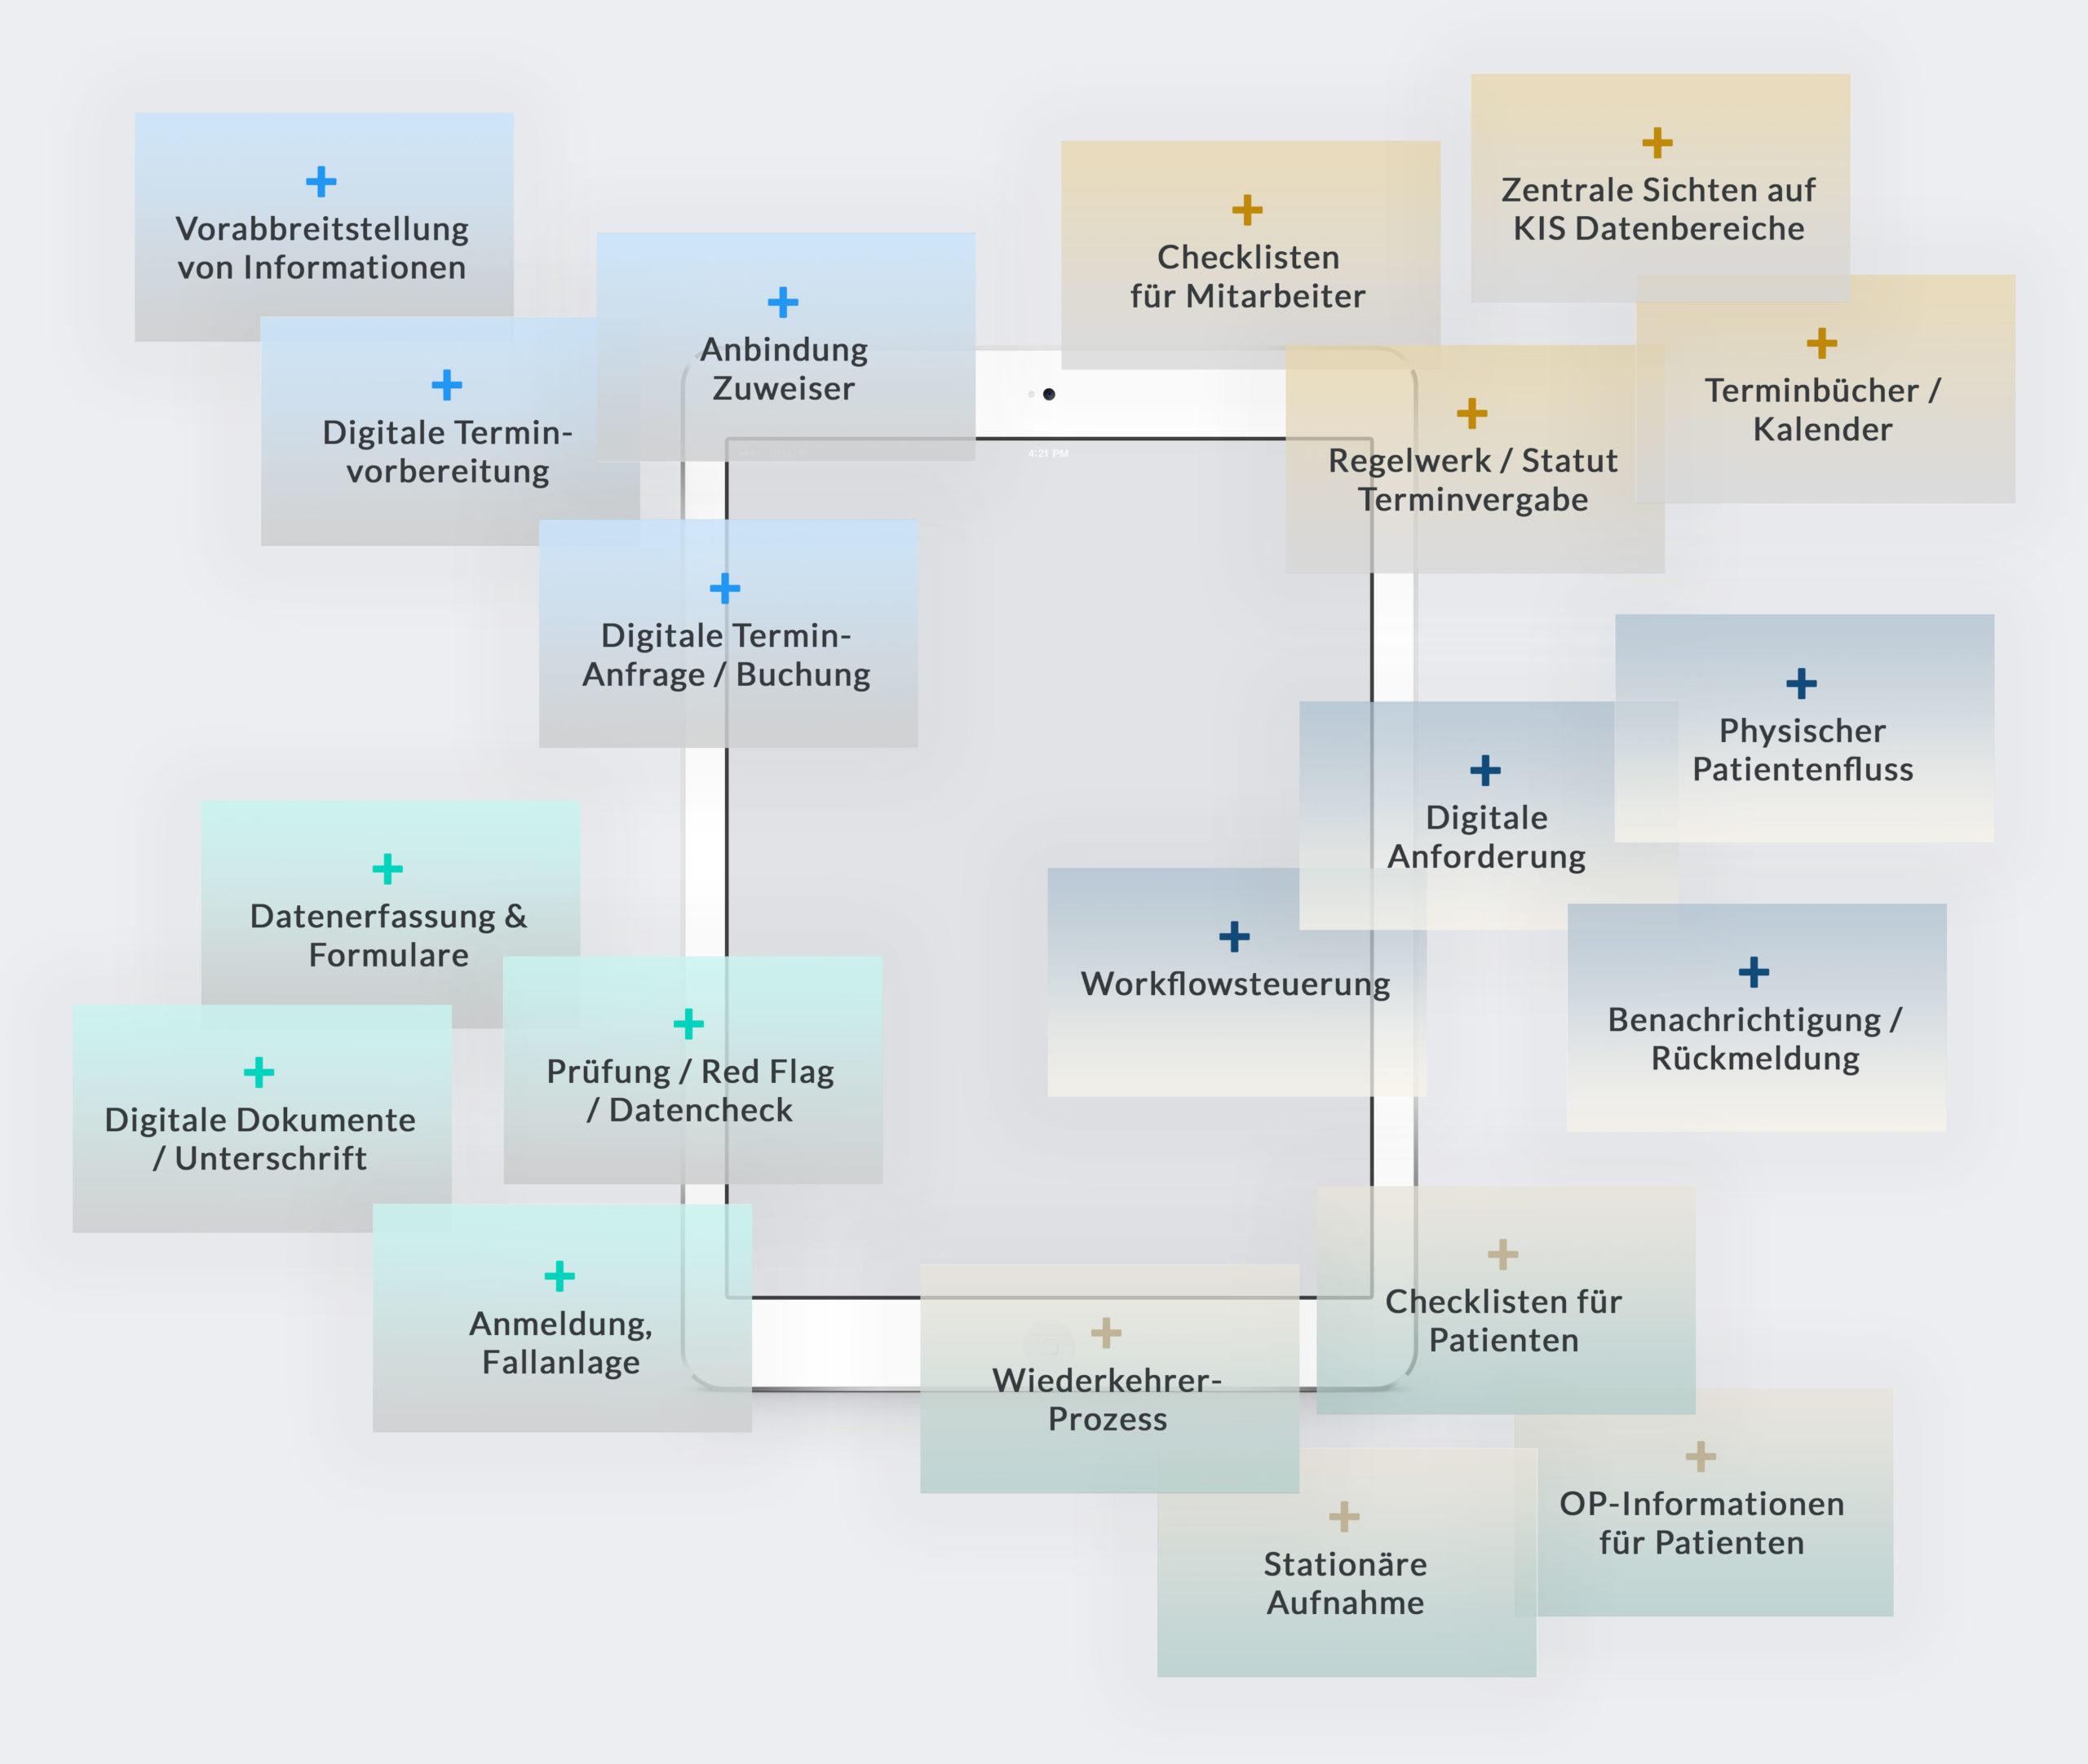 Ansatzpunkte fuer die Digitalisierung der OP Vorbereitung